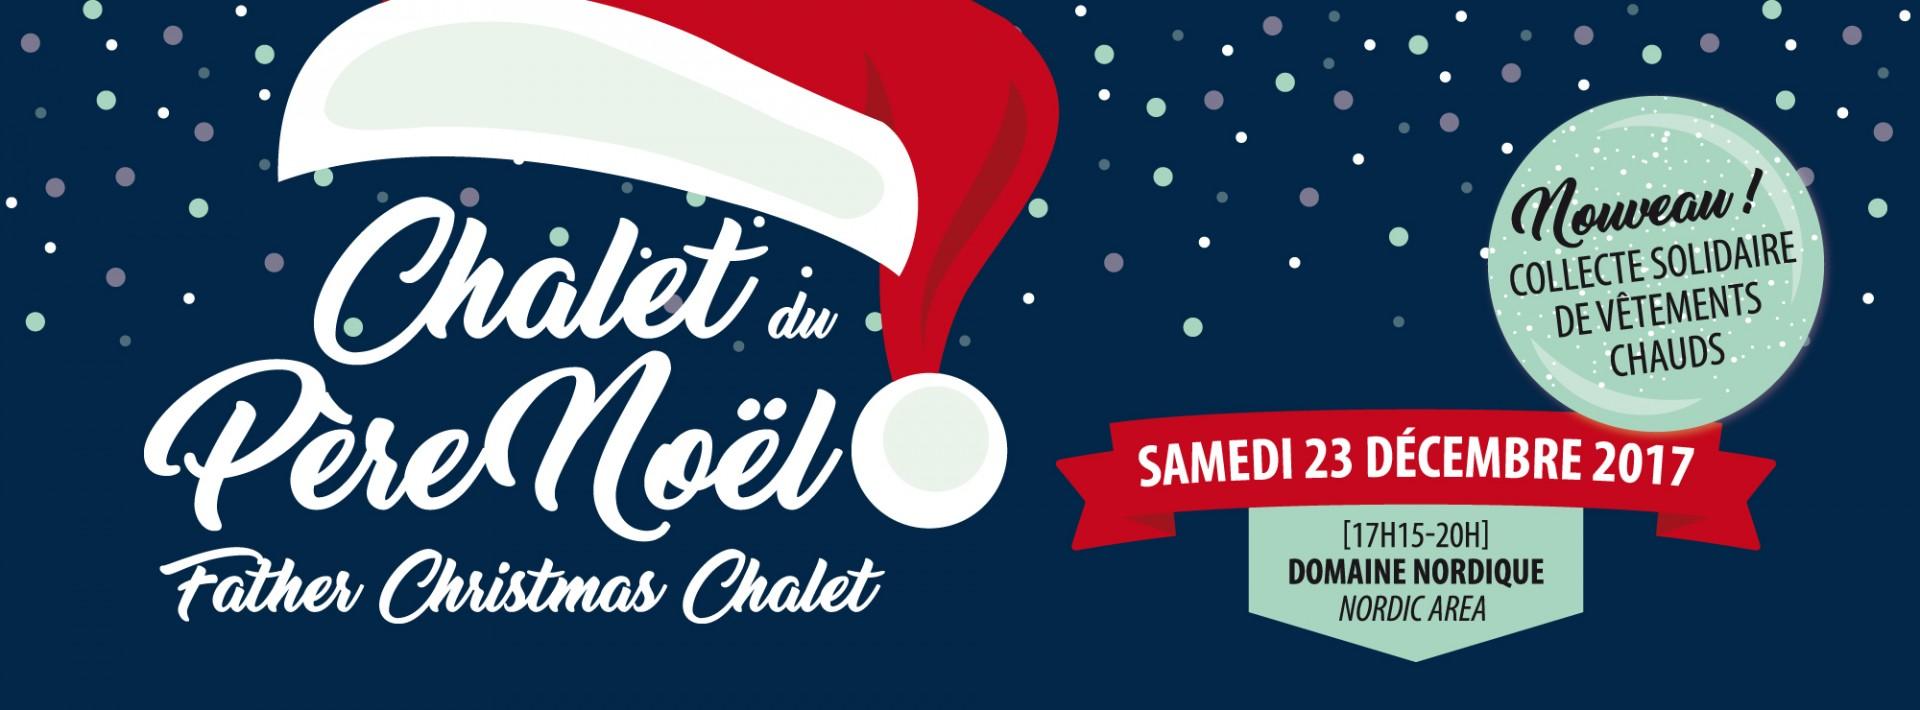 Chalet du Père Noël Chamrousse